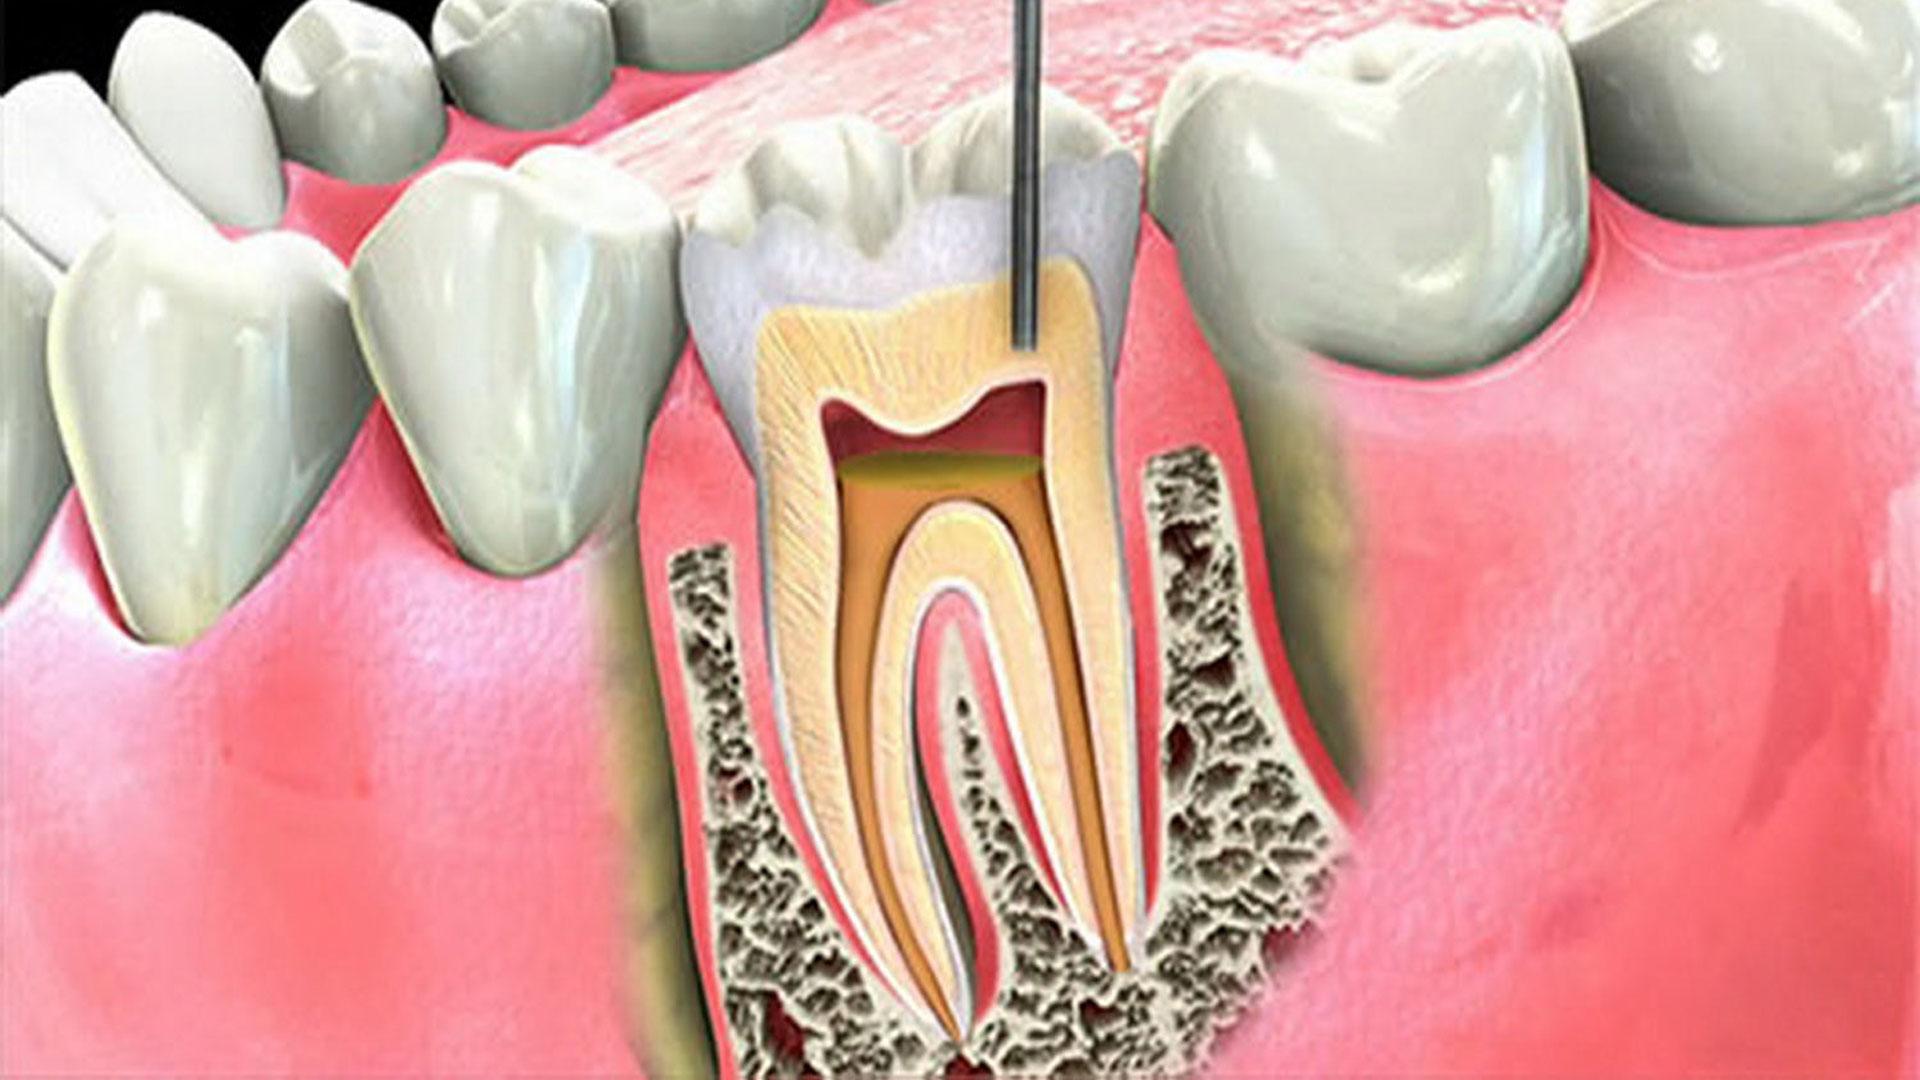 Leczenie endodontyczne Praga Południe